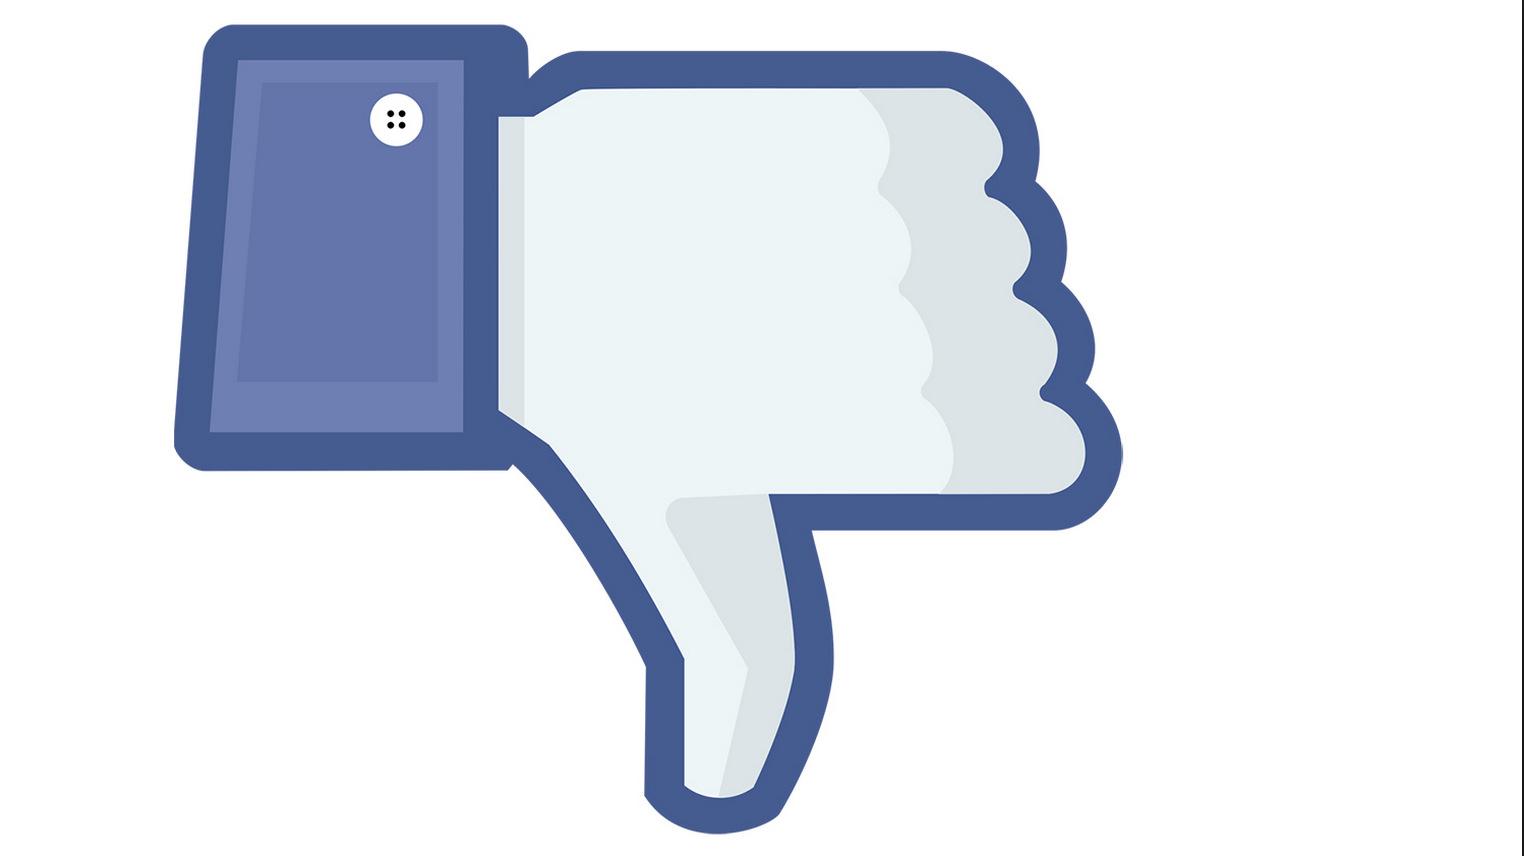 Facebook dilslike1